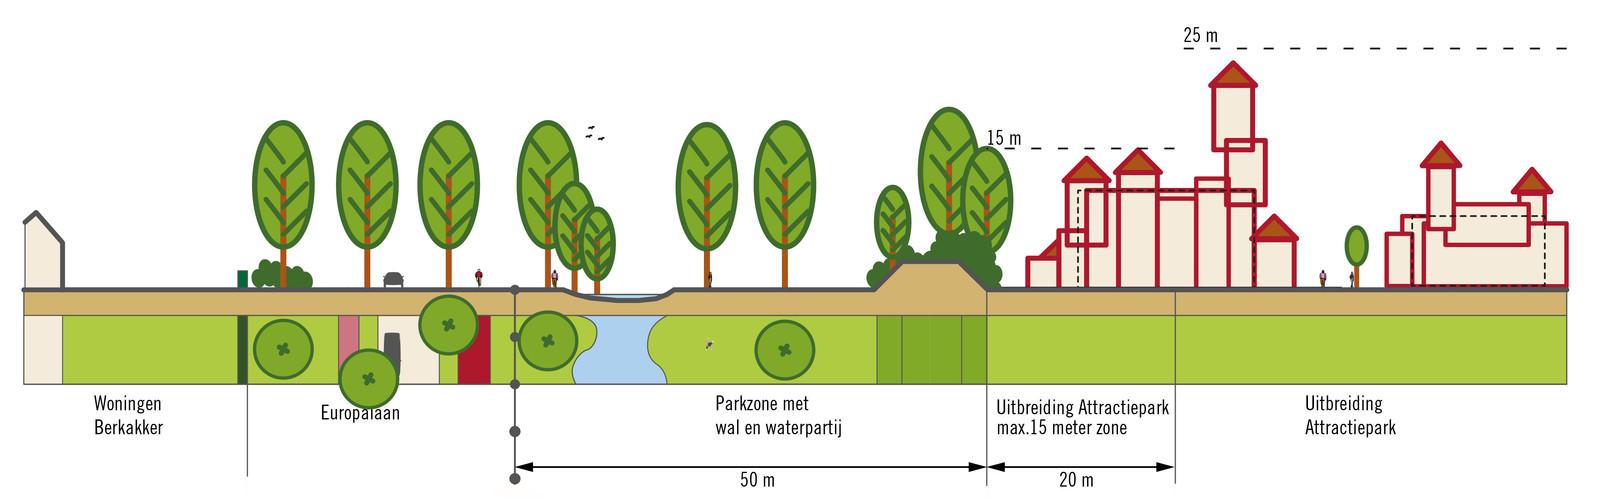 Tekening uit het Beeldkwaliteitsplan die de toekomstige inrichting van de groene buffer aan de randen van de Efteling weergeeft.